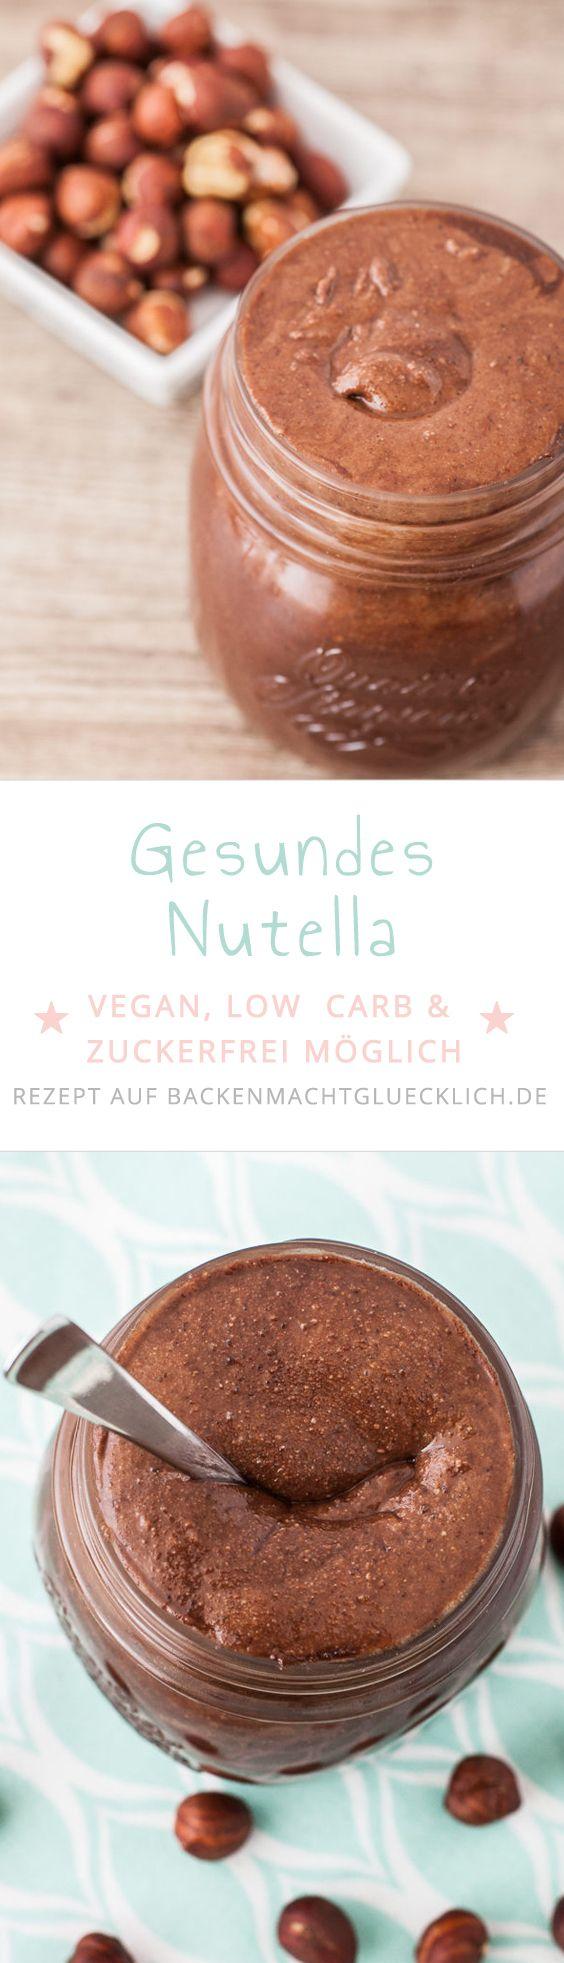 So einfach kann man Nutella selbermachen! Mit diesem Nutella-Rezept wird aus gerösteten Nüssen und Co eine gesunde vegane Schokocreme ohne Industriezucker, die je nach Zutat sogar low carb ist. | www.backenmachtgluecklich.de                                                                                                                                                                                 Mehr